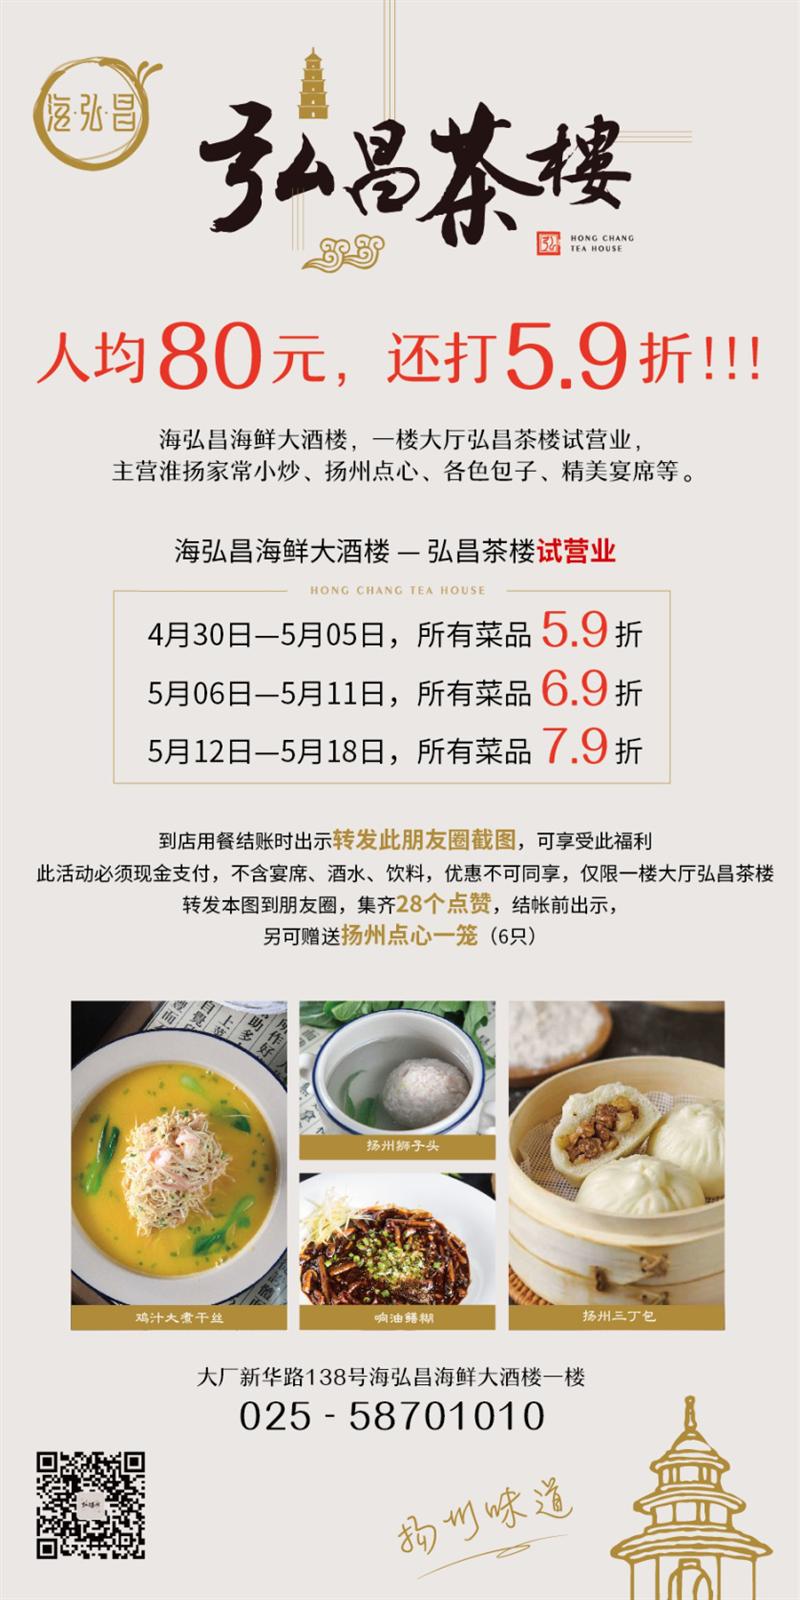 5.1味蕾福利 ‖ 来弘昌茶楼,品扬州味道